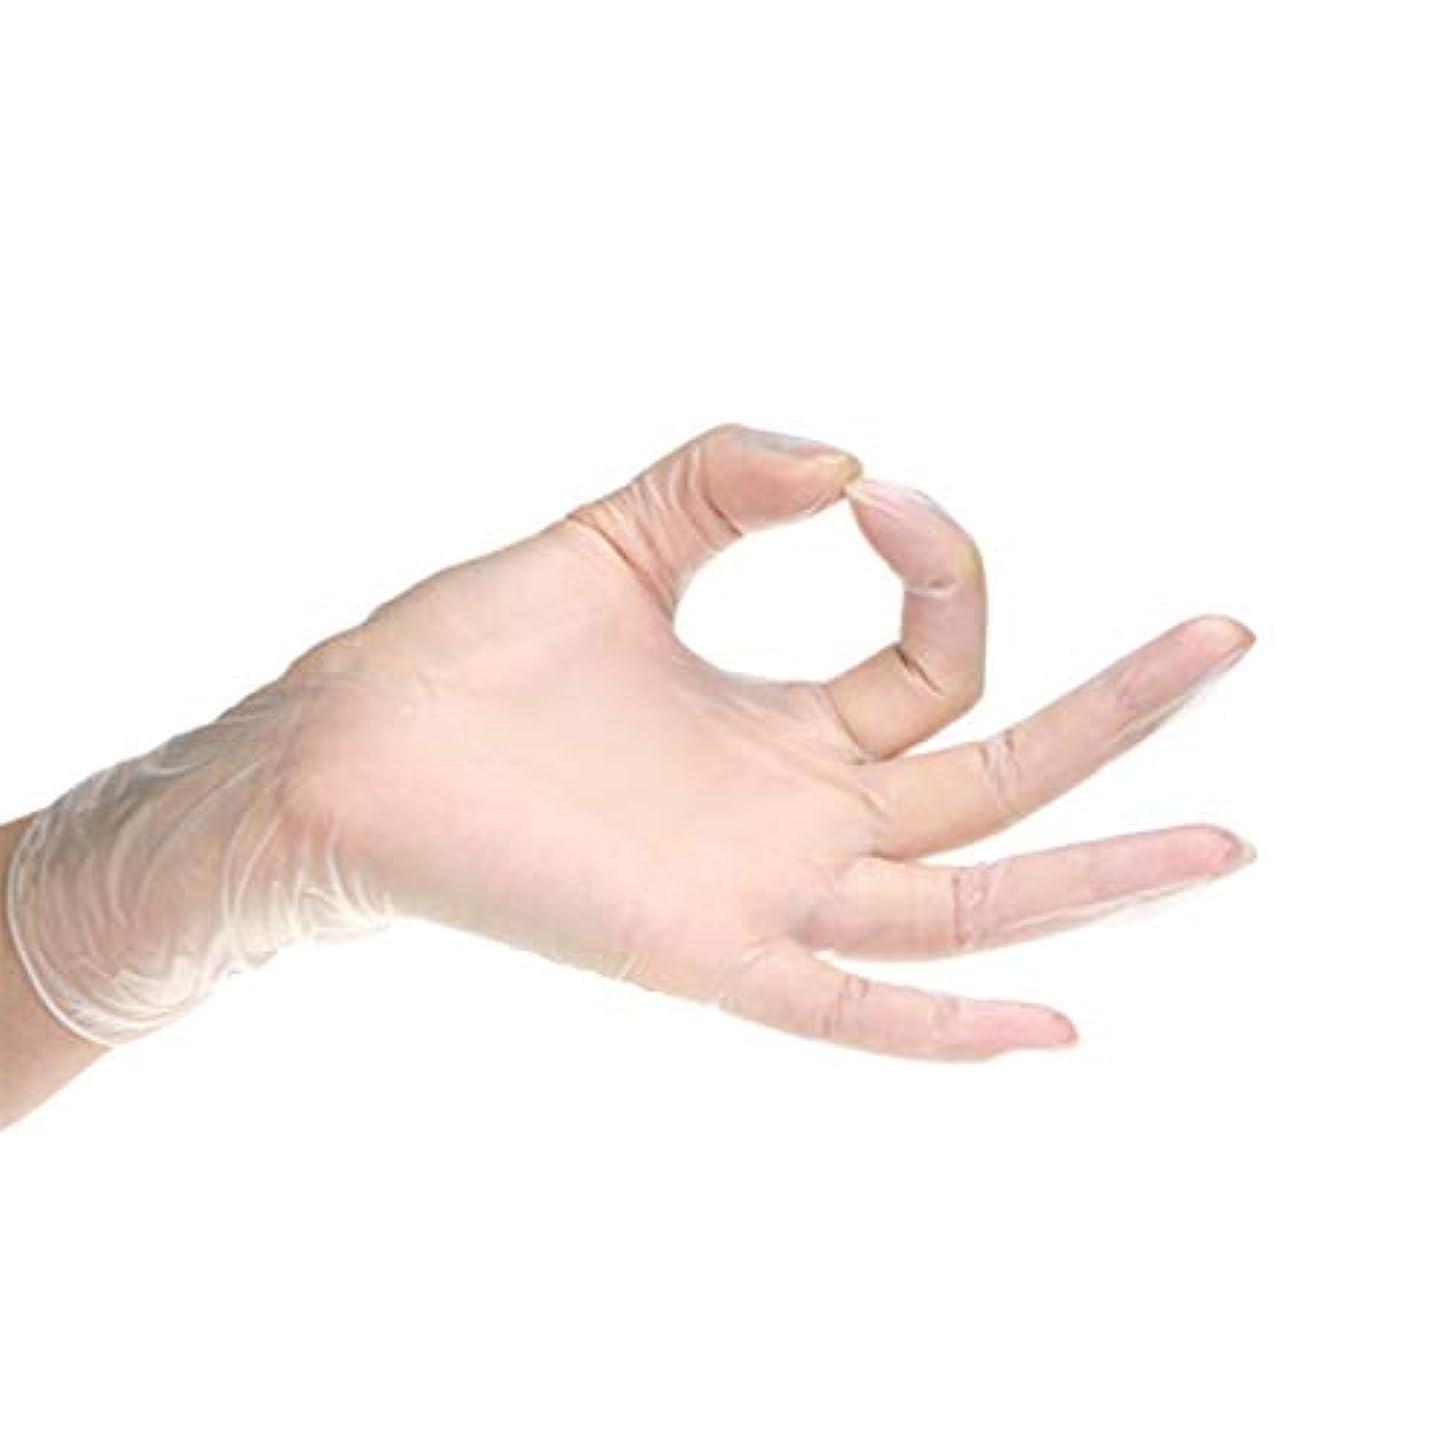 アセンブリ合理化最後の使い捨て手袋 ニトリル手袋 はエビをむいて 野菜 顔を切っ て料理の 食品を加工して粉がなく 透明 100枚 (L)